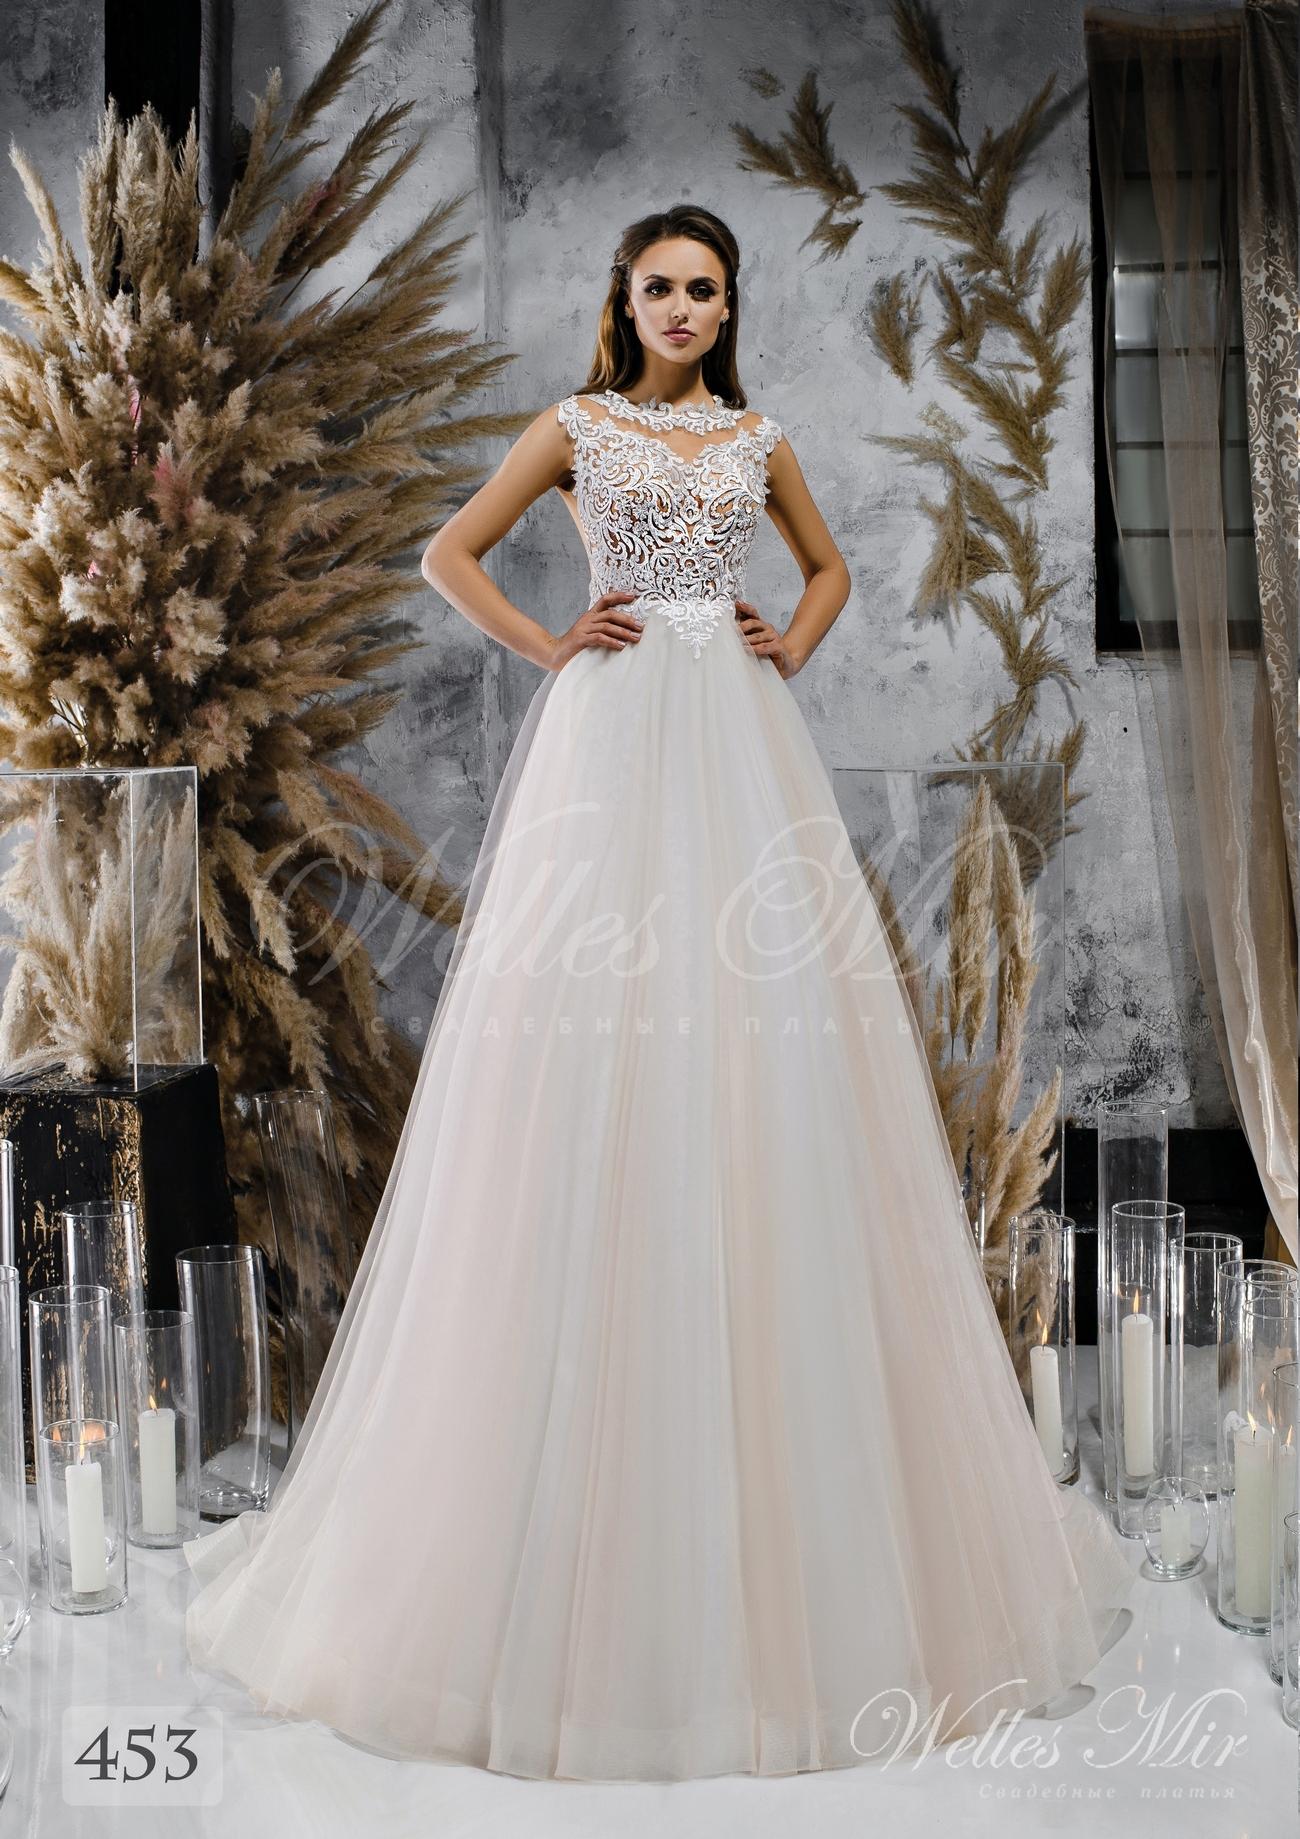 Свадебные платья Unique Perfection 2018 - 453